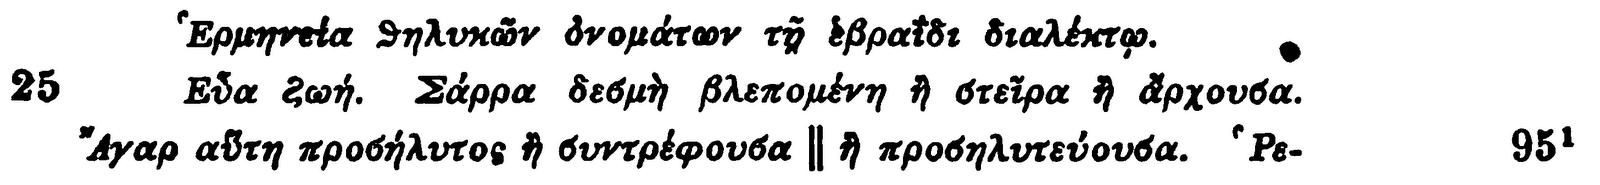 Macro-Typography: Detective Story